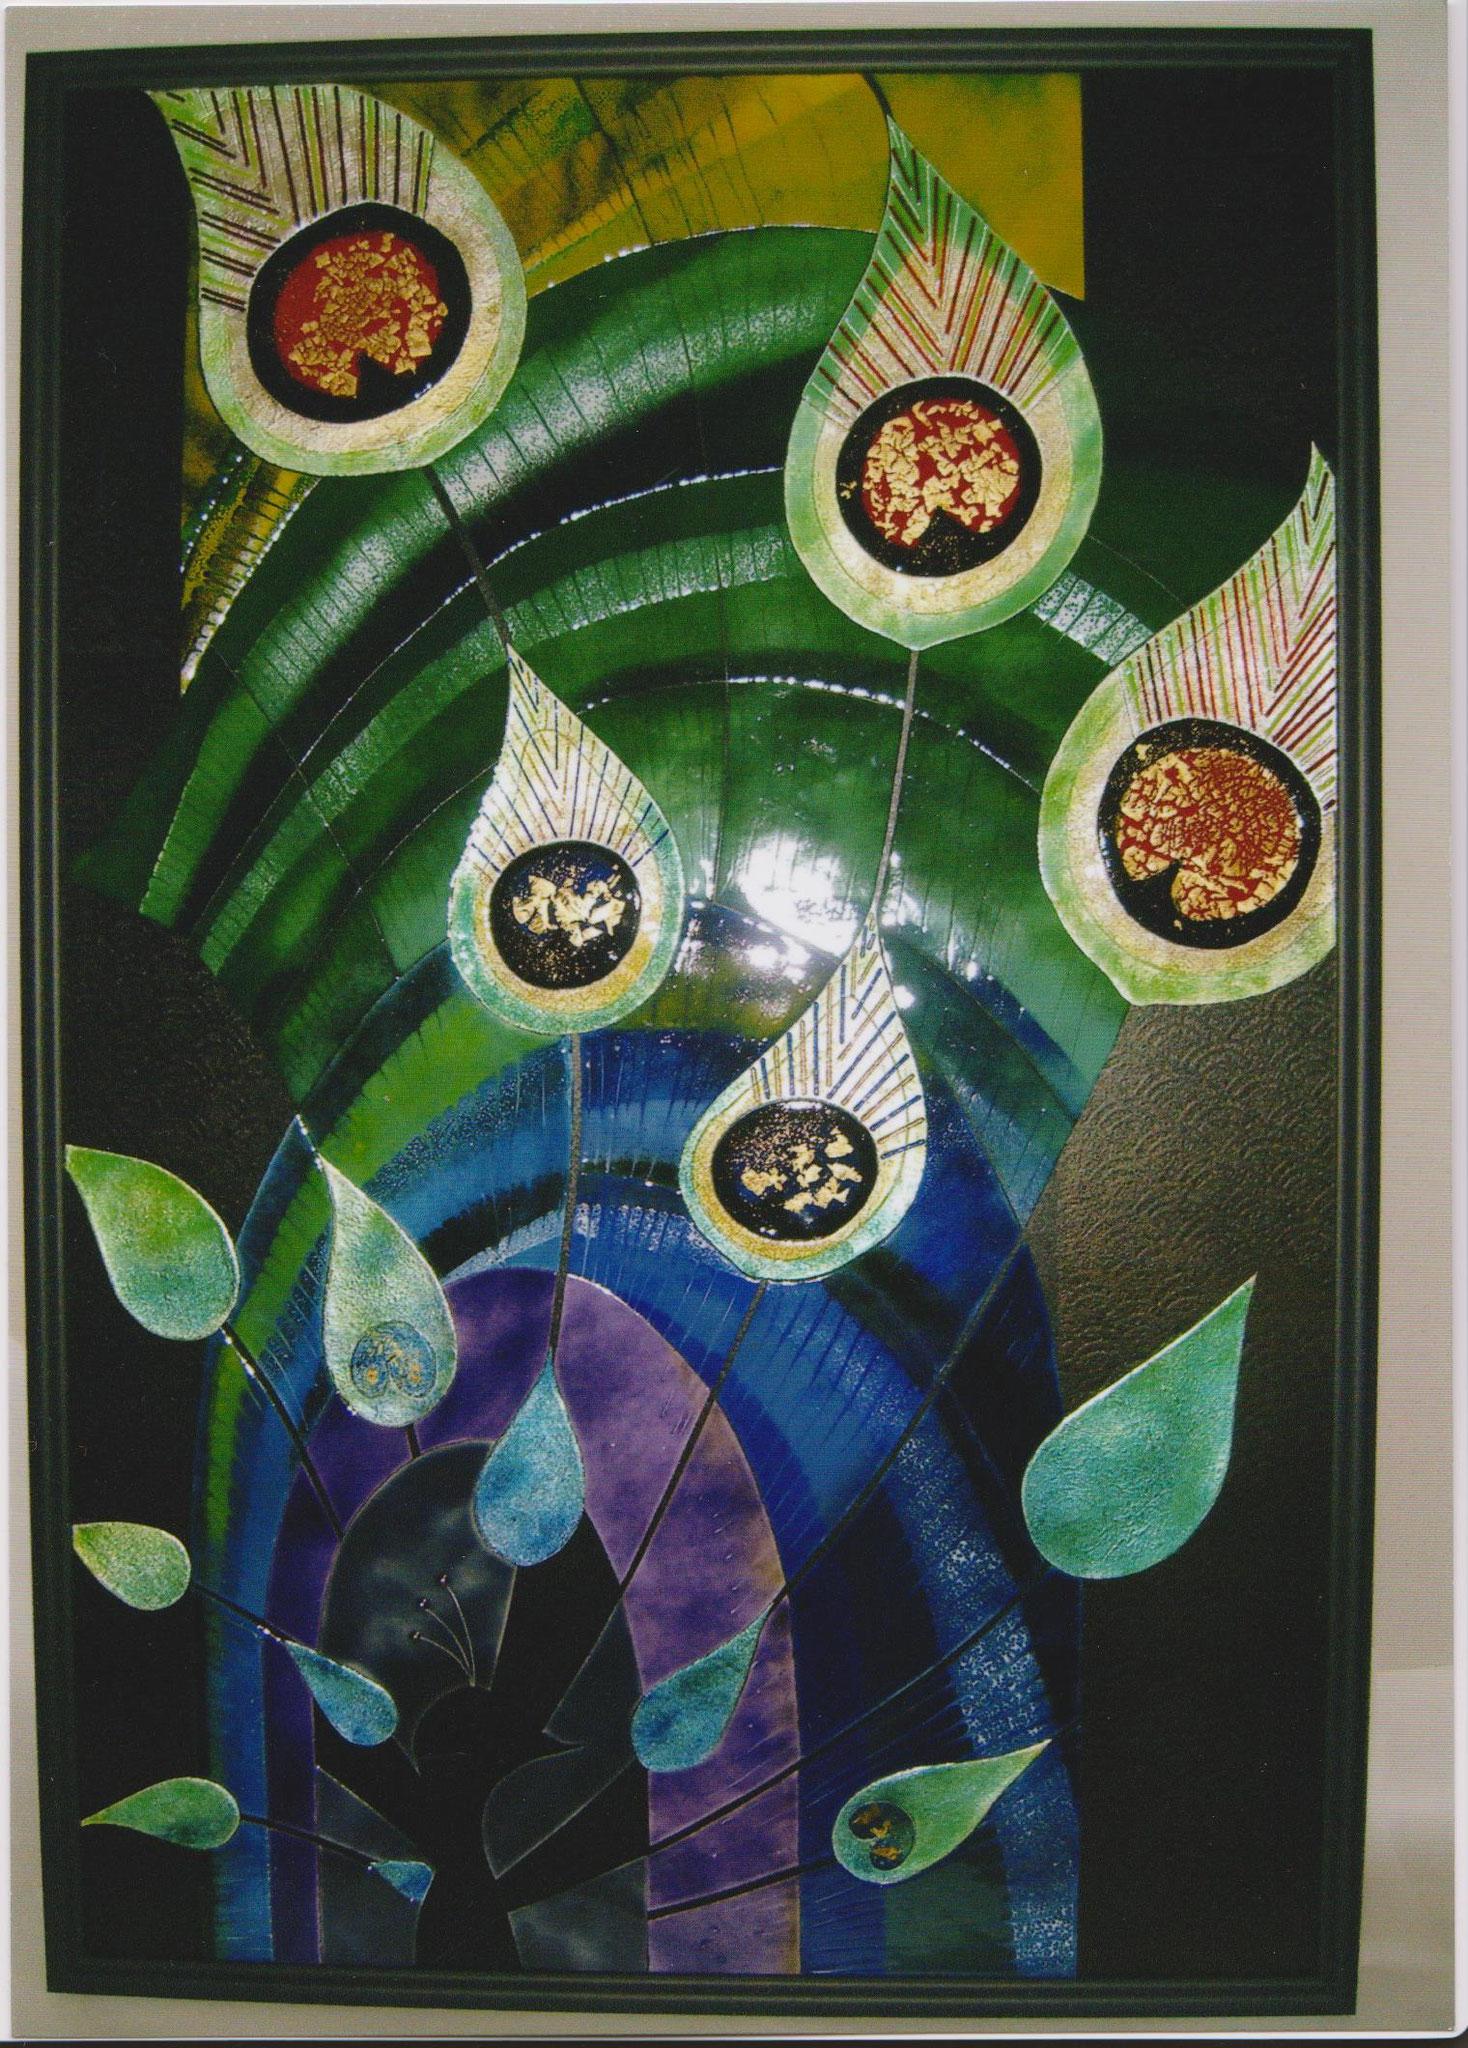 第55回 日本現代工芸美術展 作品 『暗闇のディスプレイ』